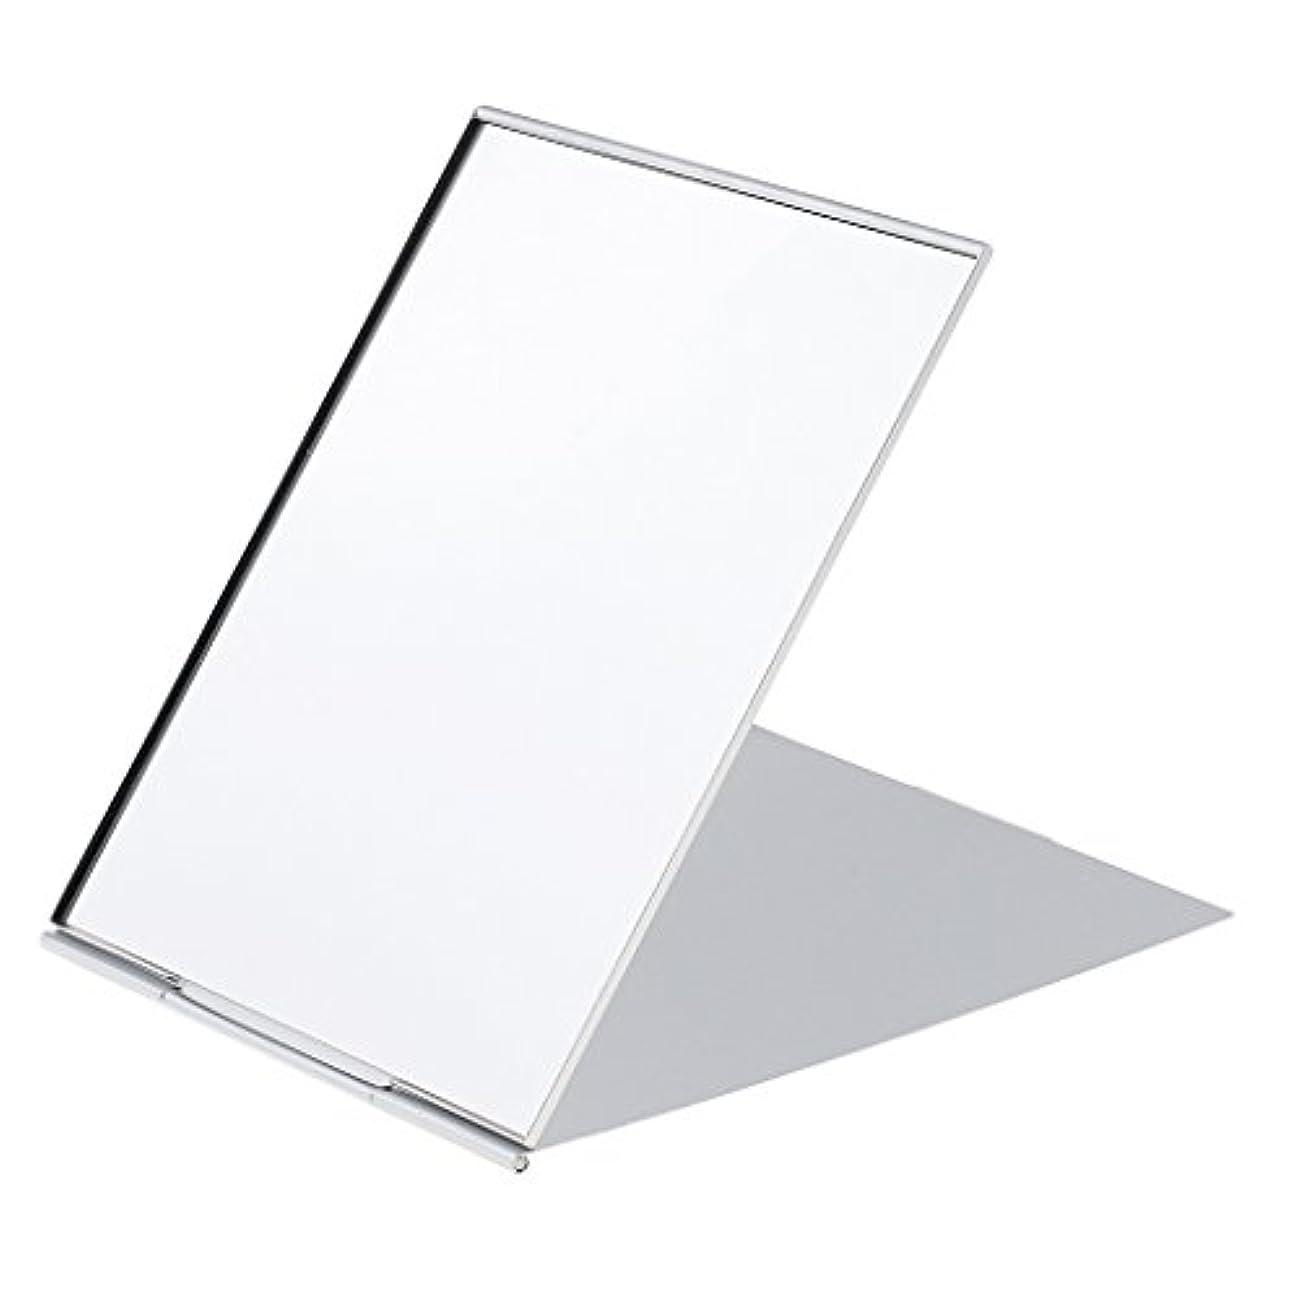 発明量規制するメイクアップミラー 鏡 化粧鏡 ミニ ポータブル 折り畳み式 超軽量 シンプル ファッション デザイン シルバー 3サイズ選べる - #1